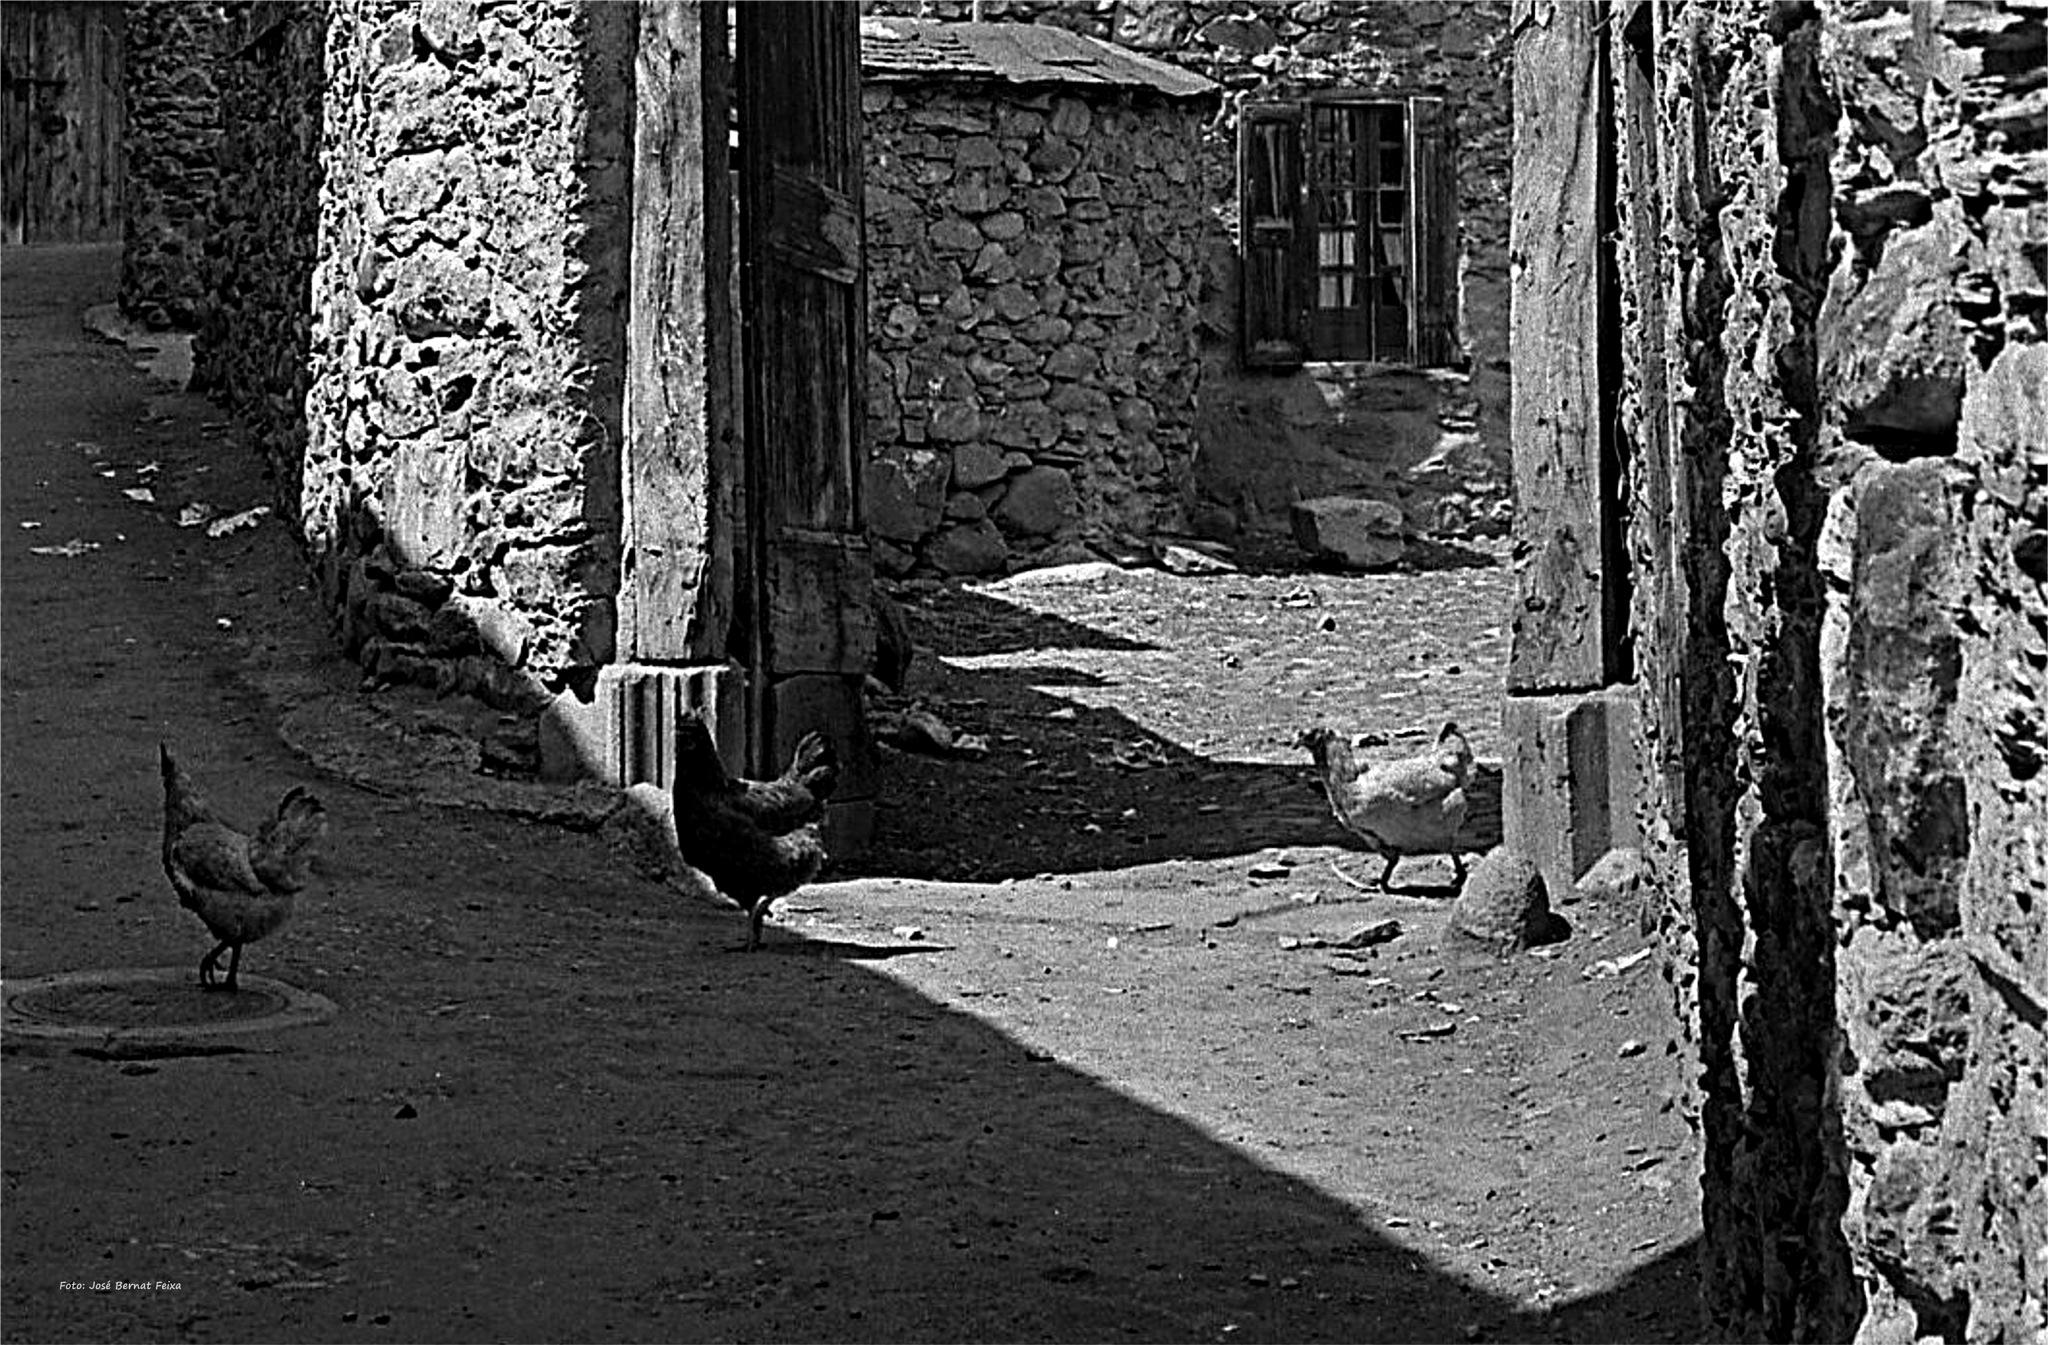 VISTA RURAL; LANDELIJK UITZICHT; RURAL VIEW (60's) by José Bernat Feixa